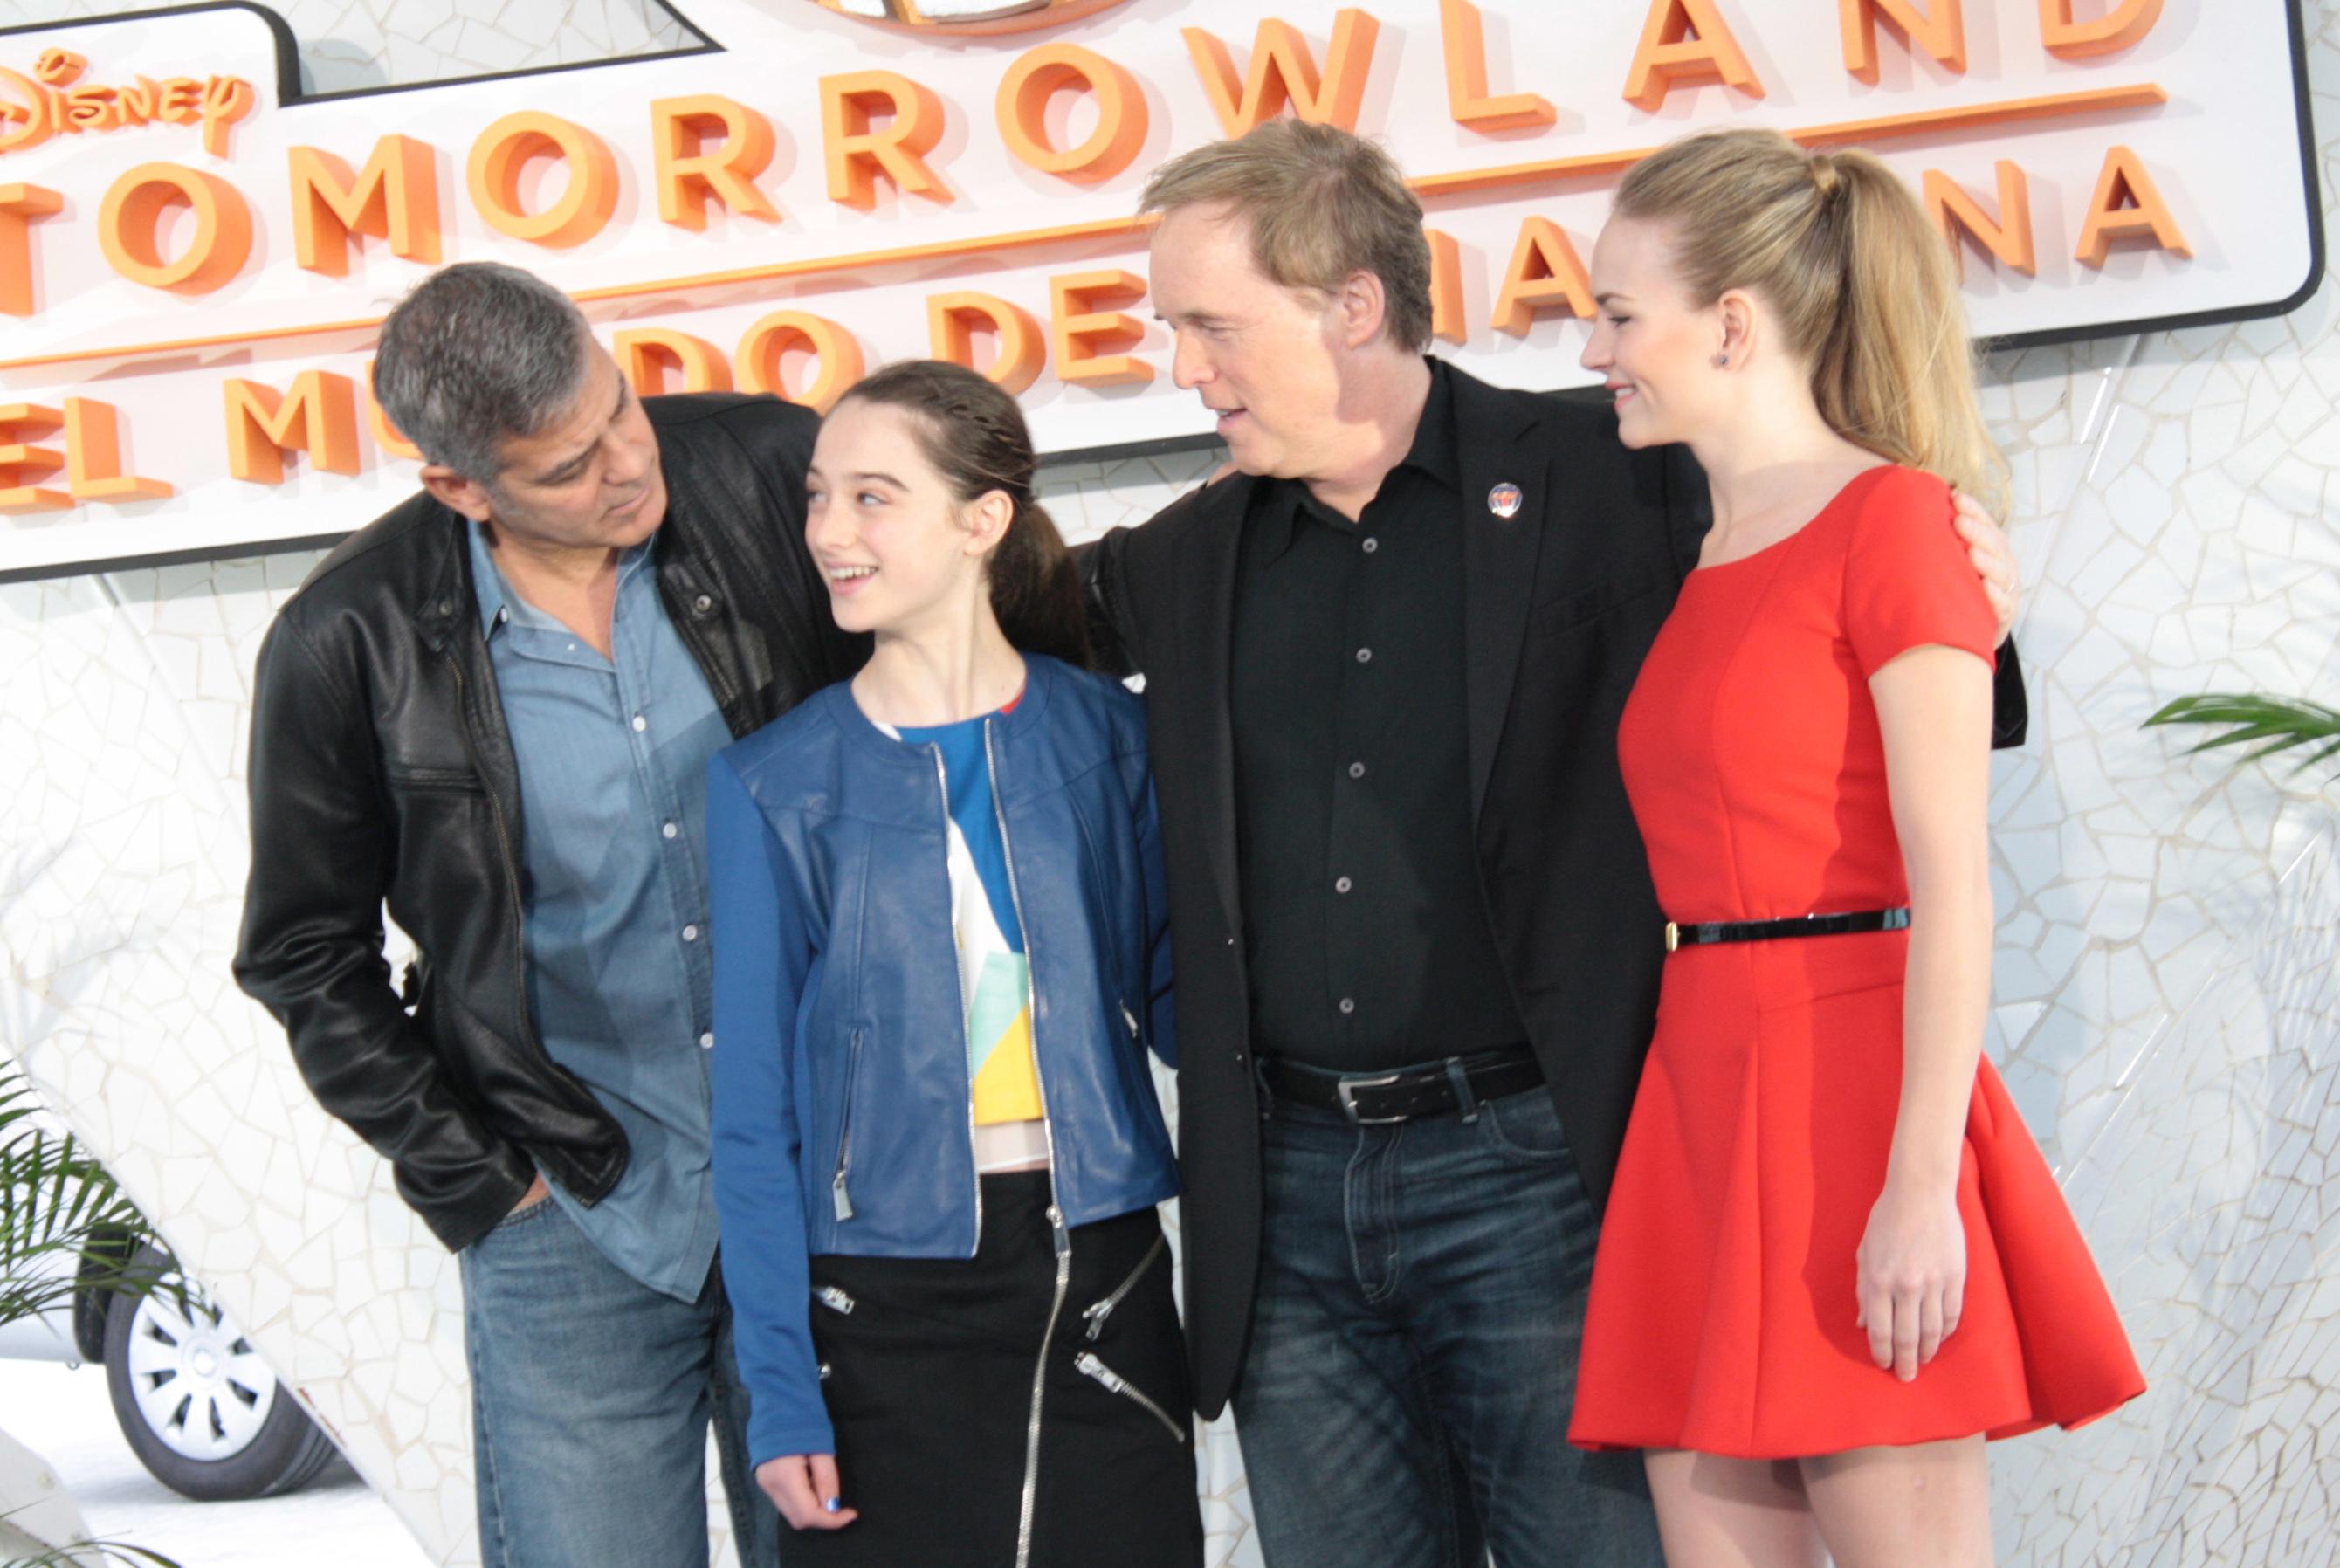 George Clooney George Clooney George Clooney! - Page 8 TomorrowlandSOD9